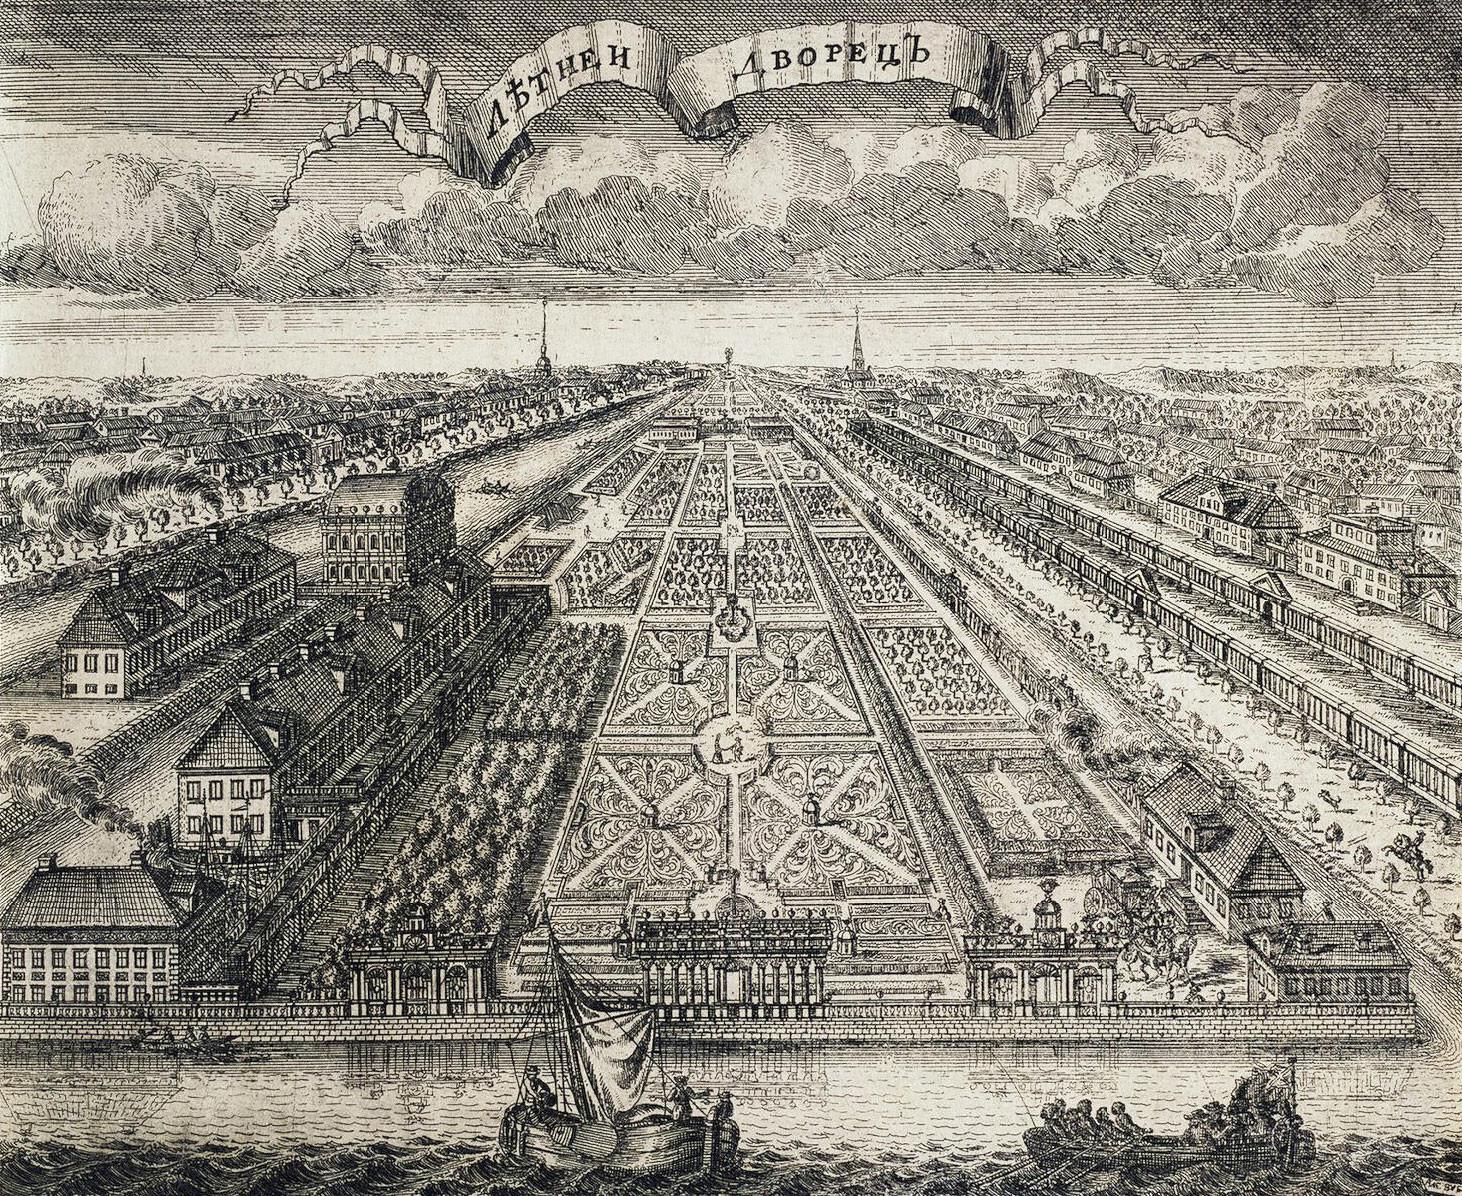 Ljetni dvorac i Ljetni vrt u Sankt-Peterburgu, 1716.